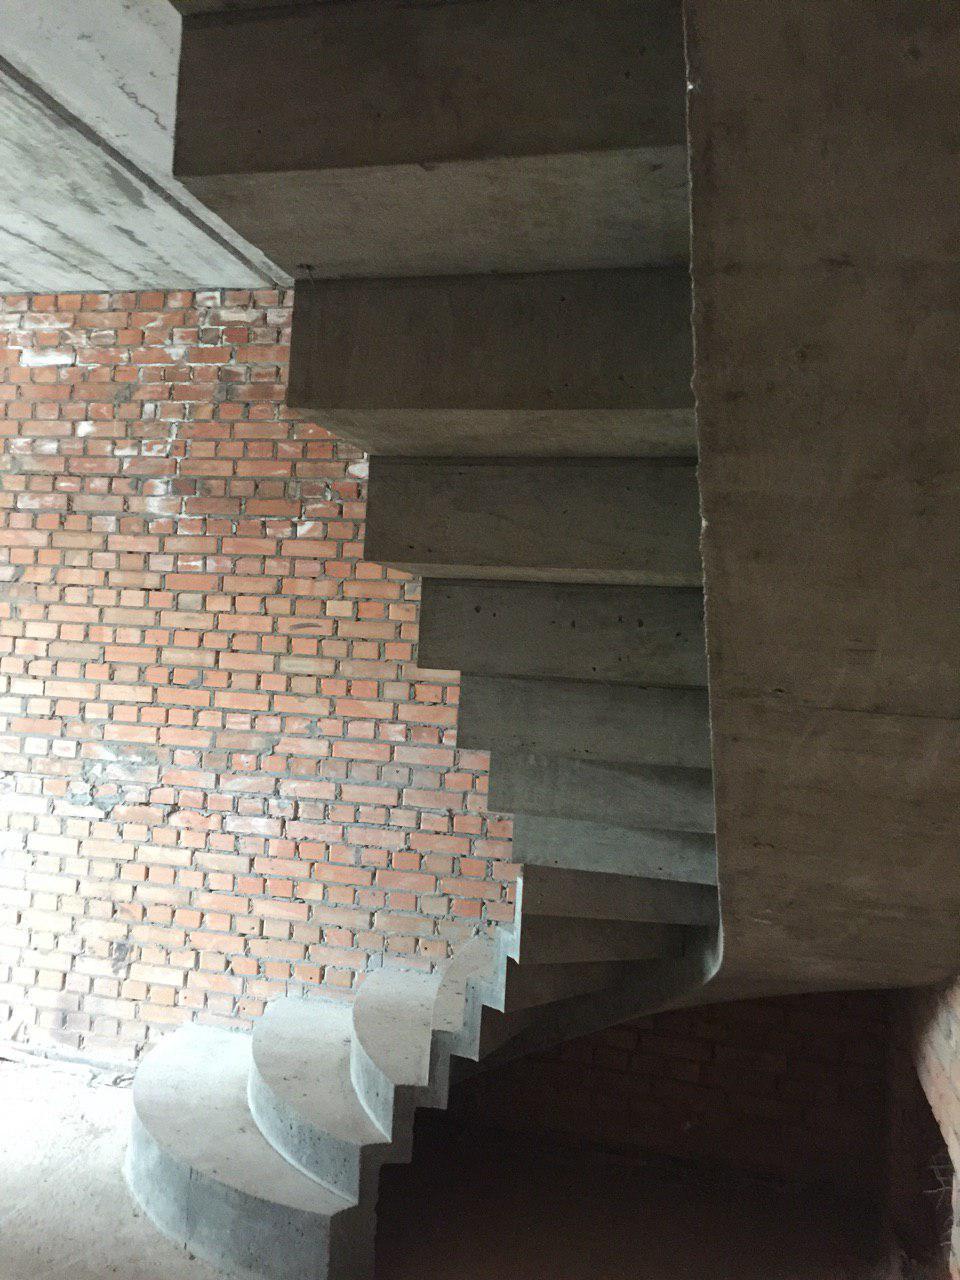 Г-образная лестница конструкции половинчатый косоур с зеркальными ступенями